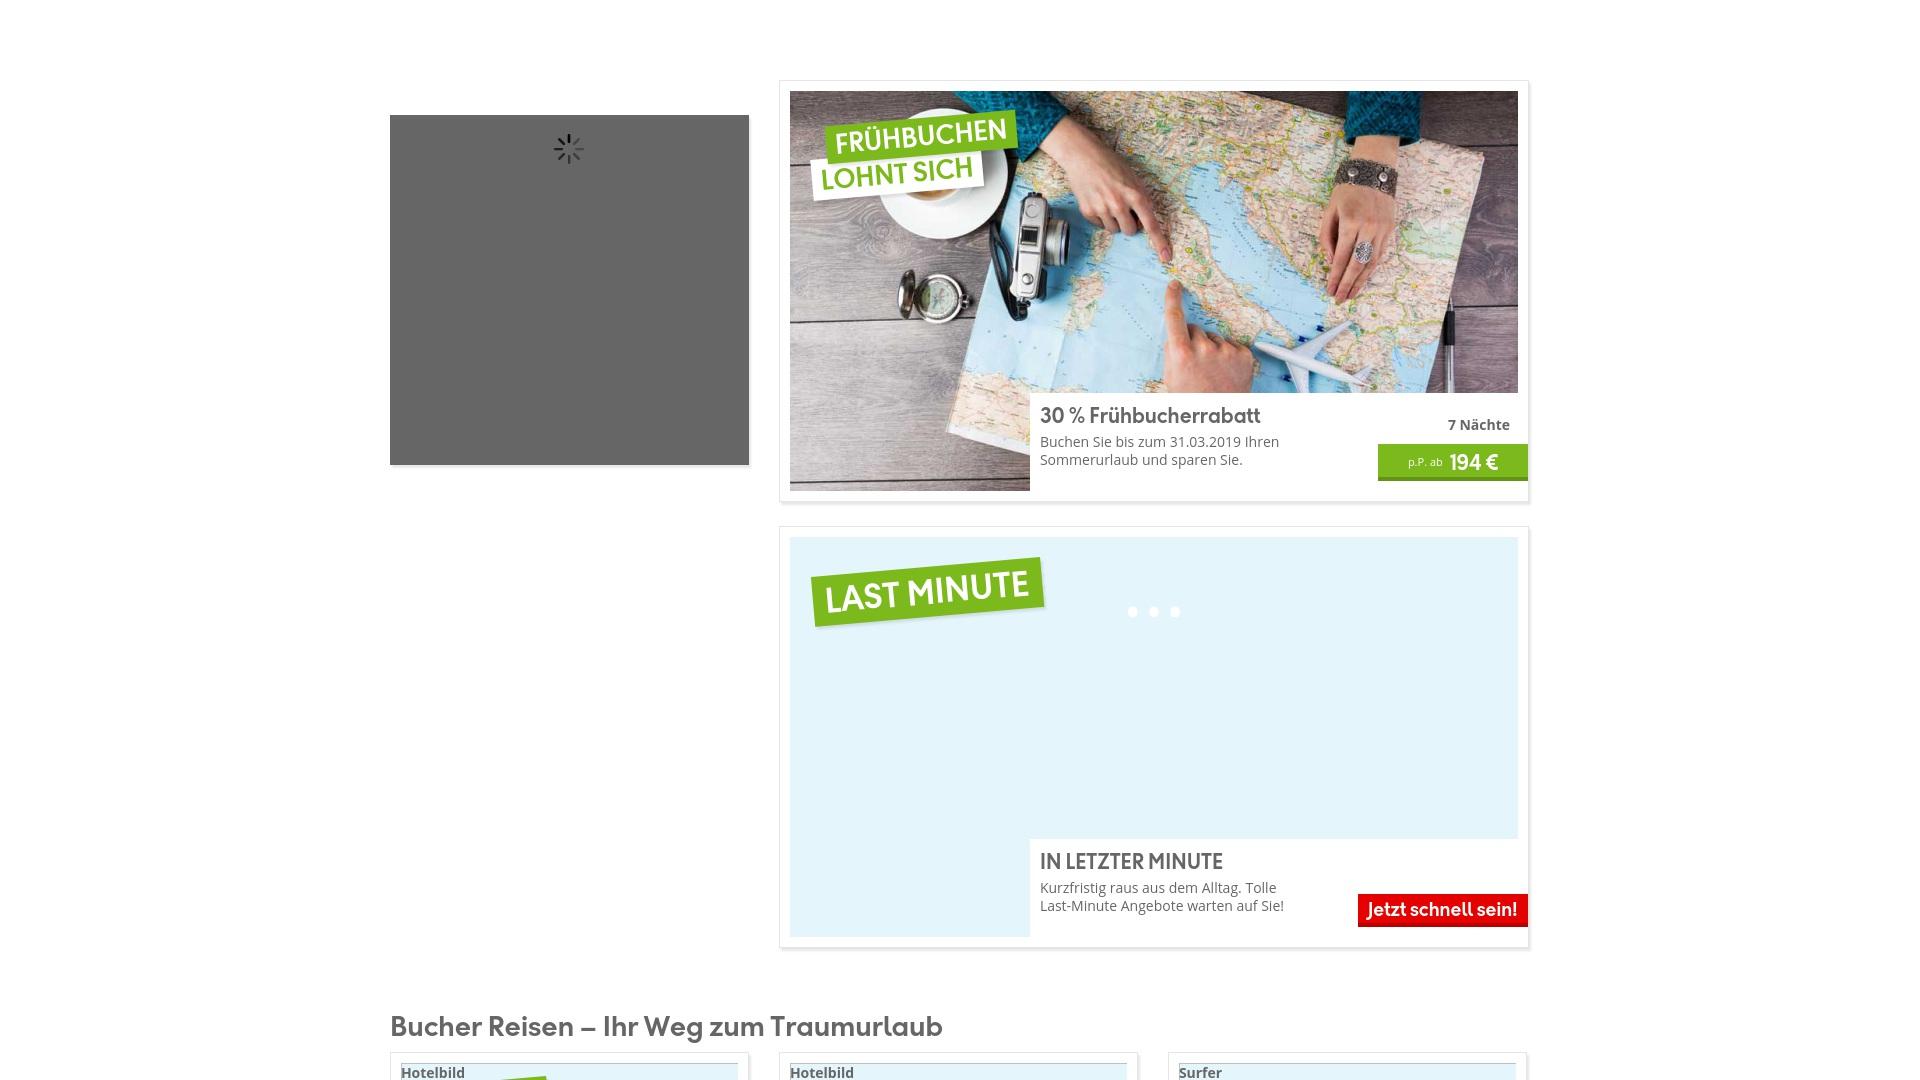 Gutschein für Bucher-reisen: Rabatte für  Bucher-reisen sichern